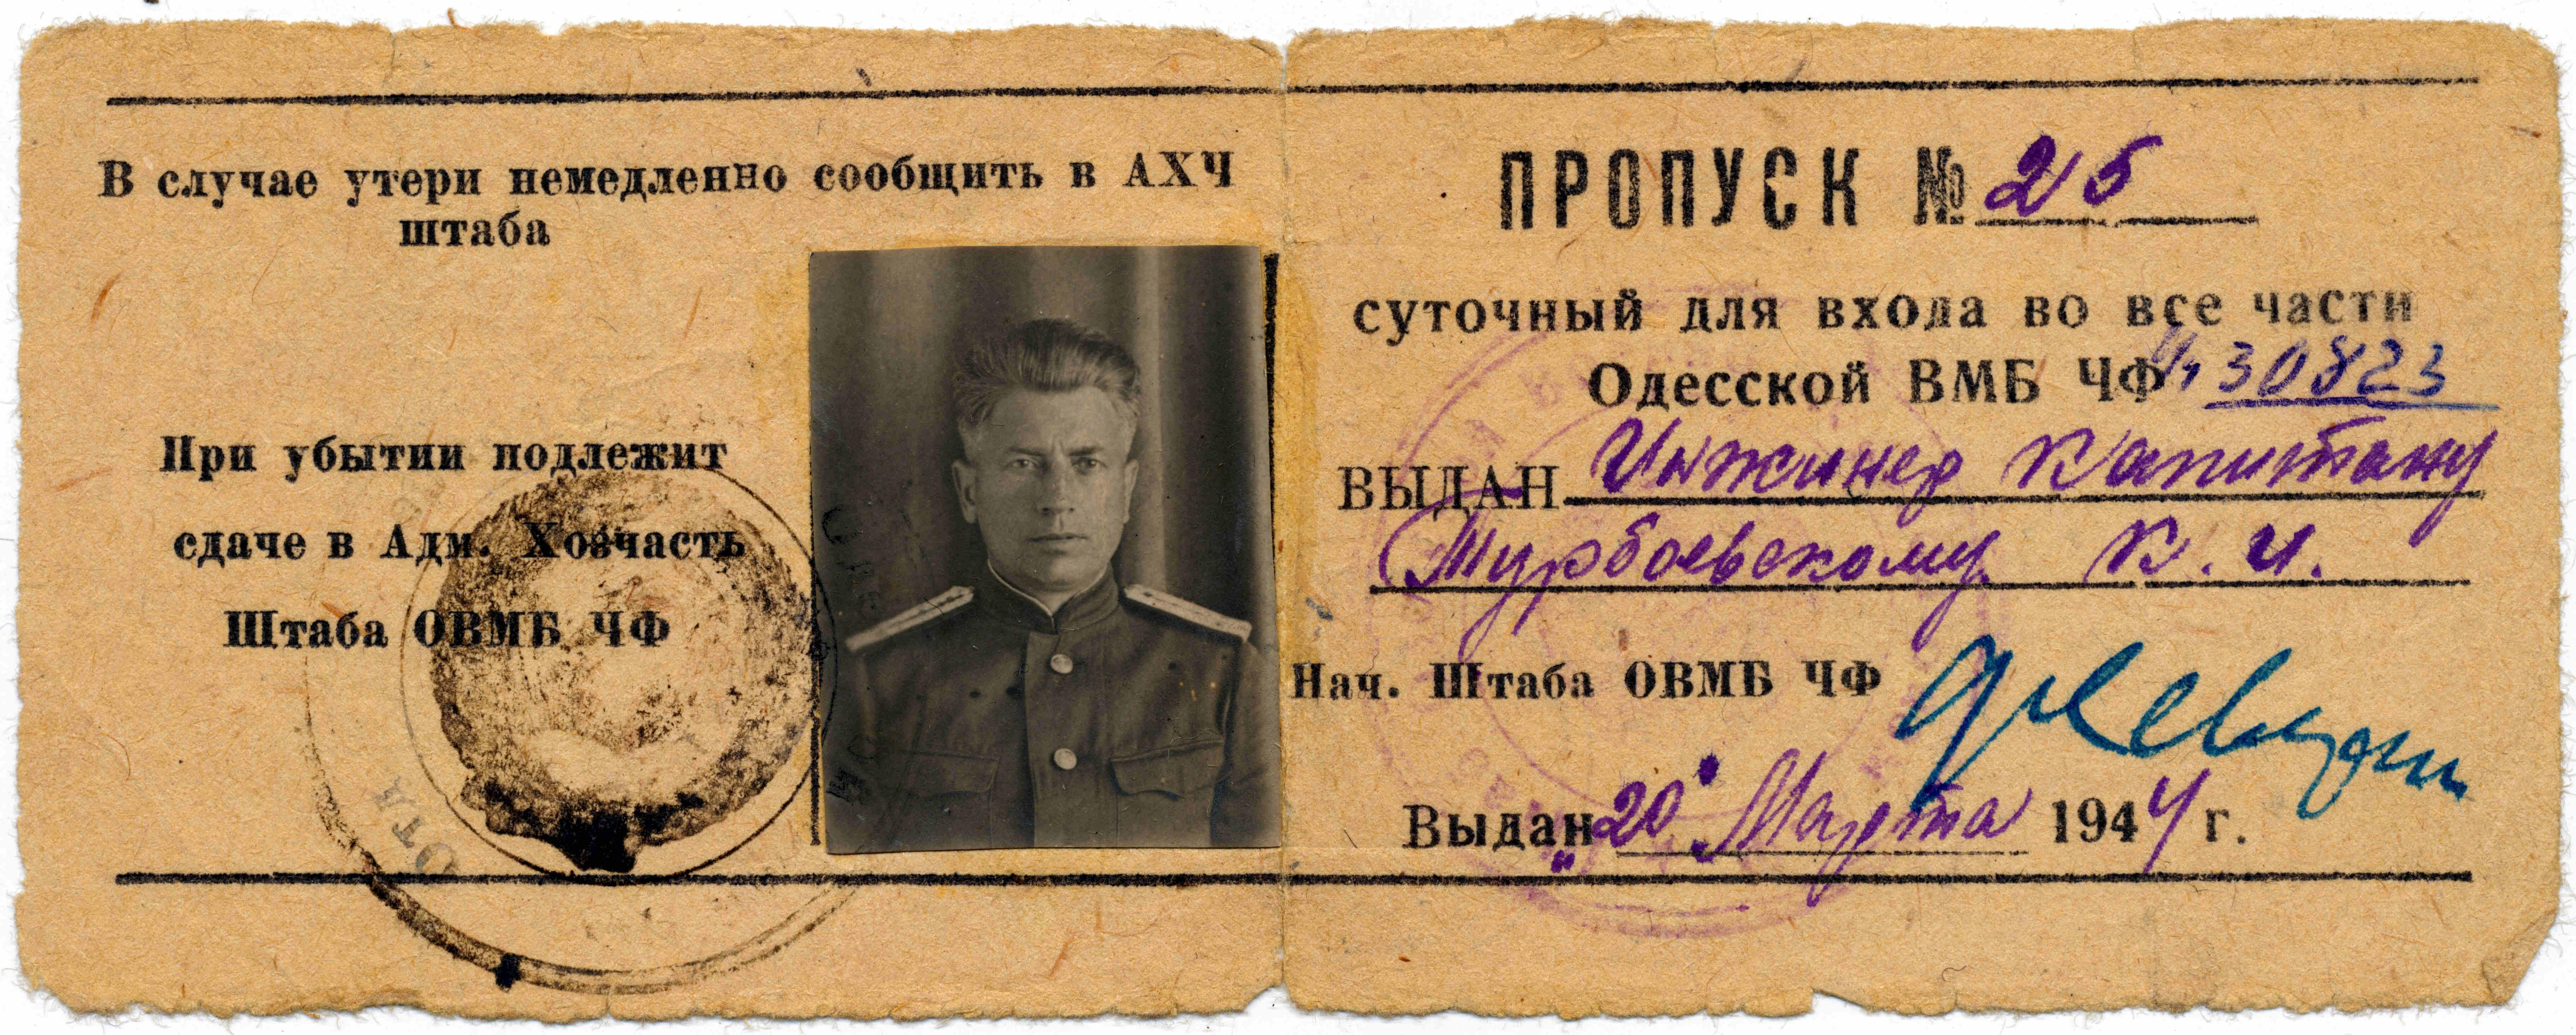 Пропуск 20.03.1944